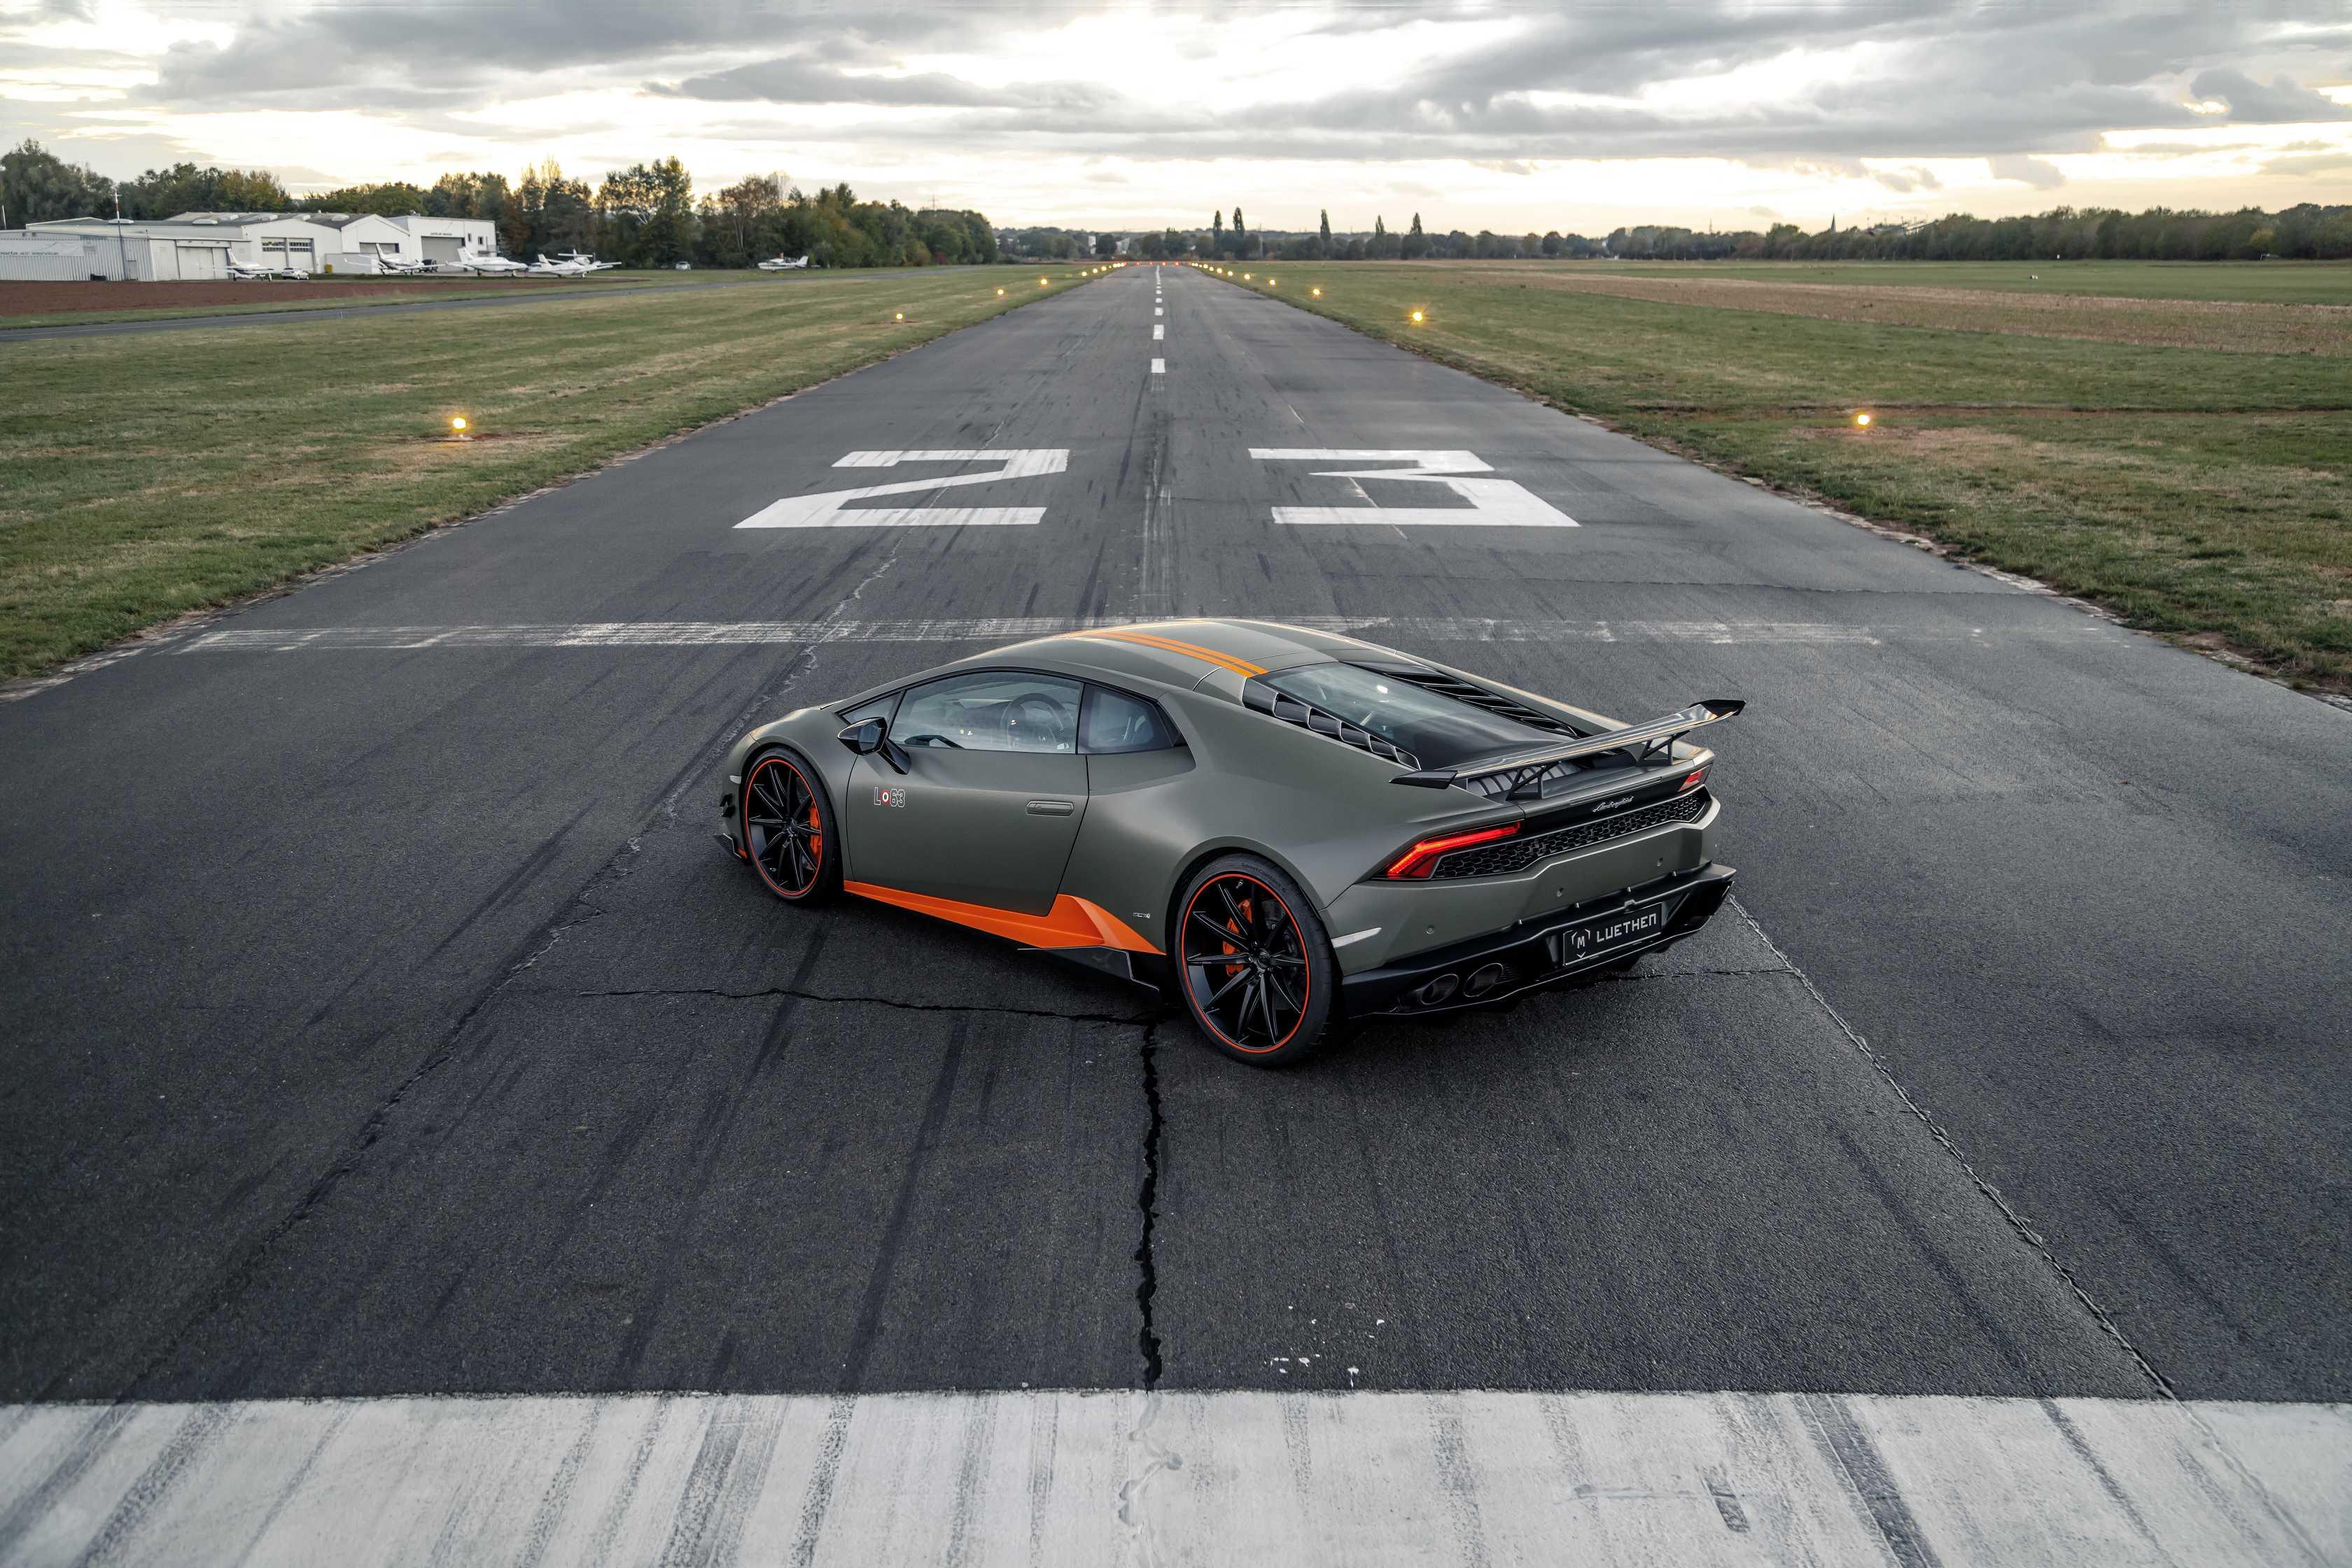 Lamborghini Huracan Luethen